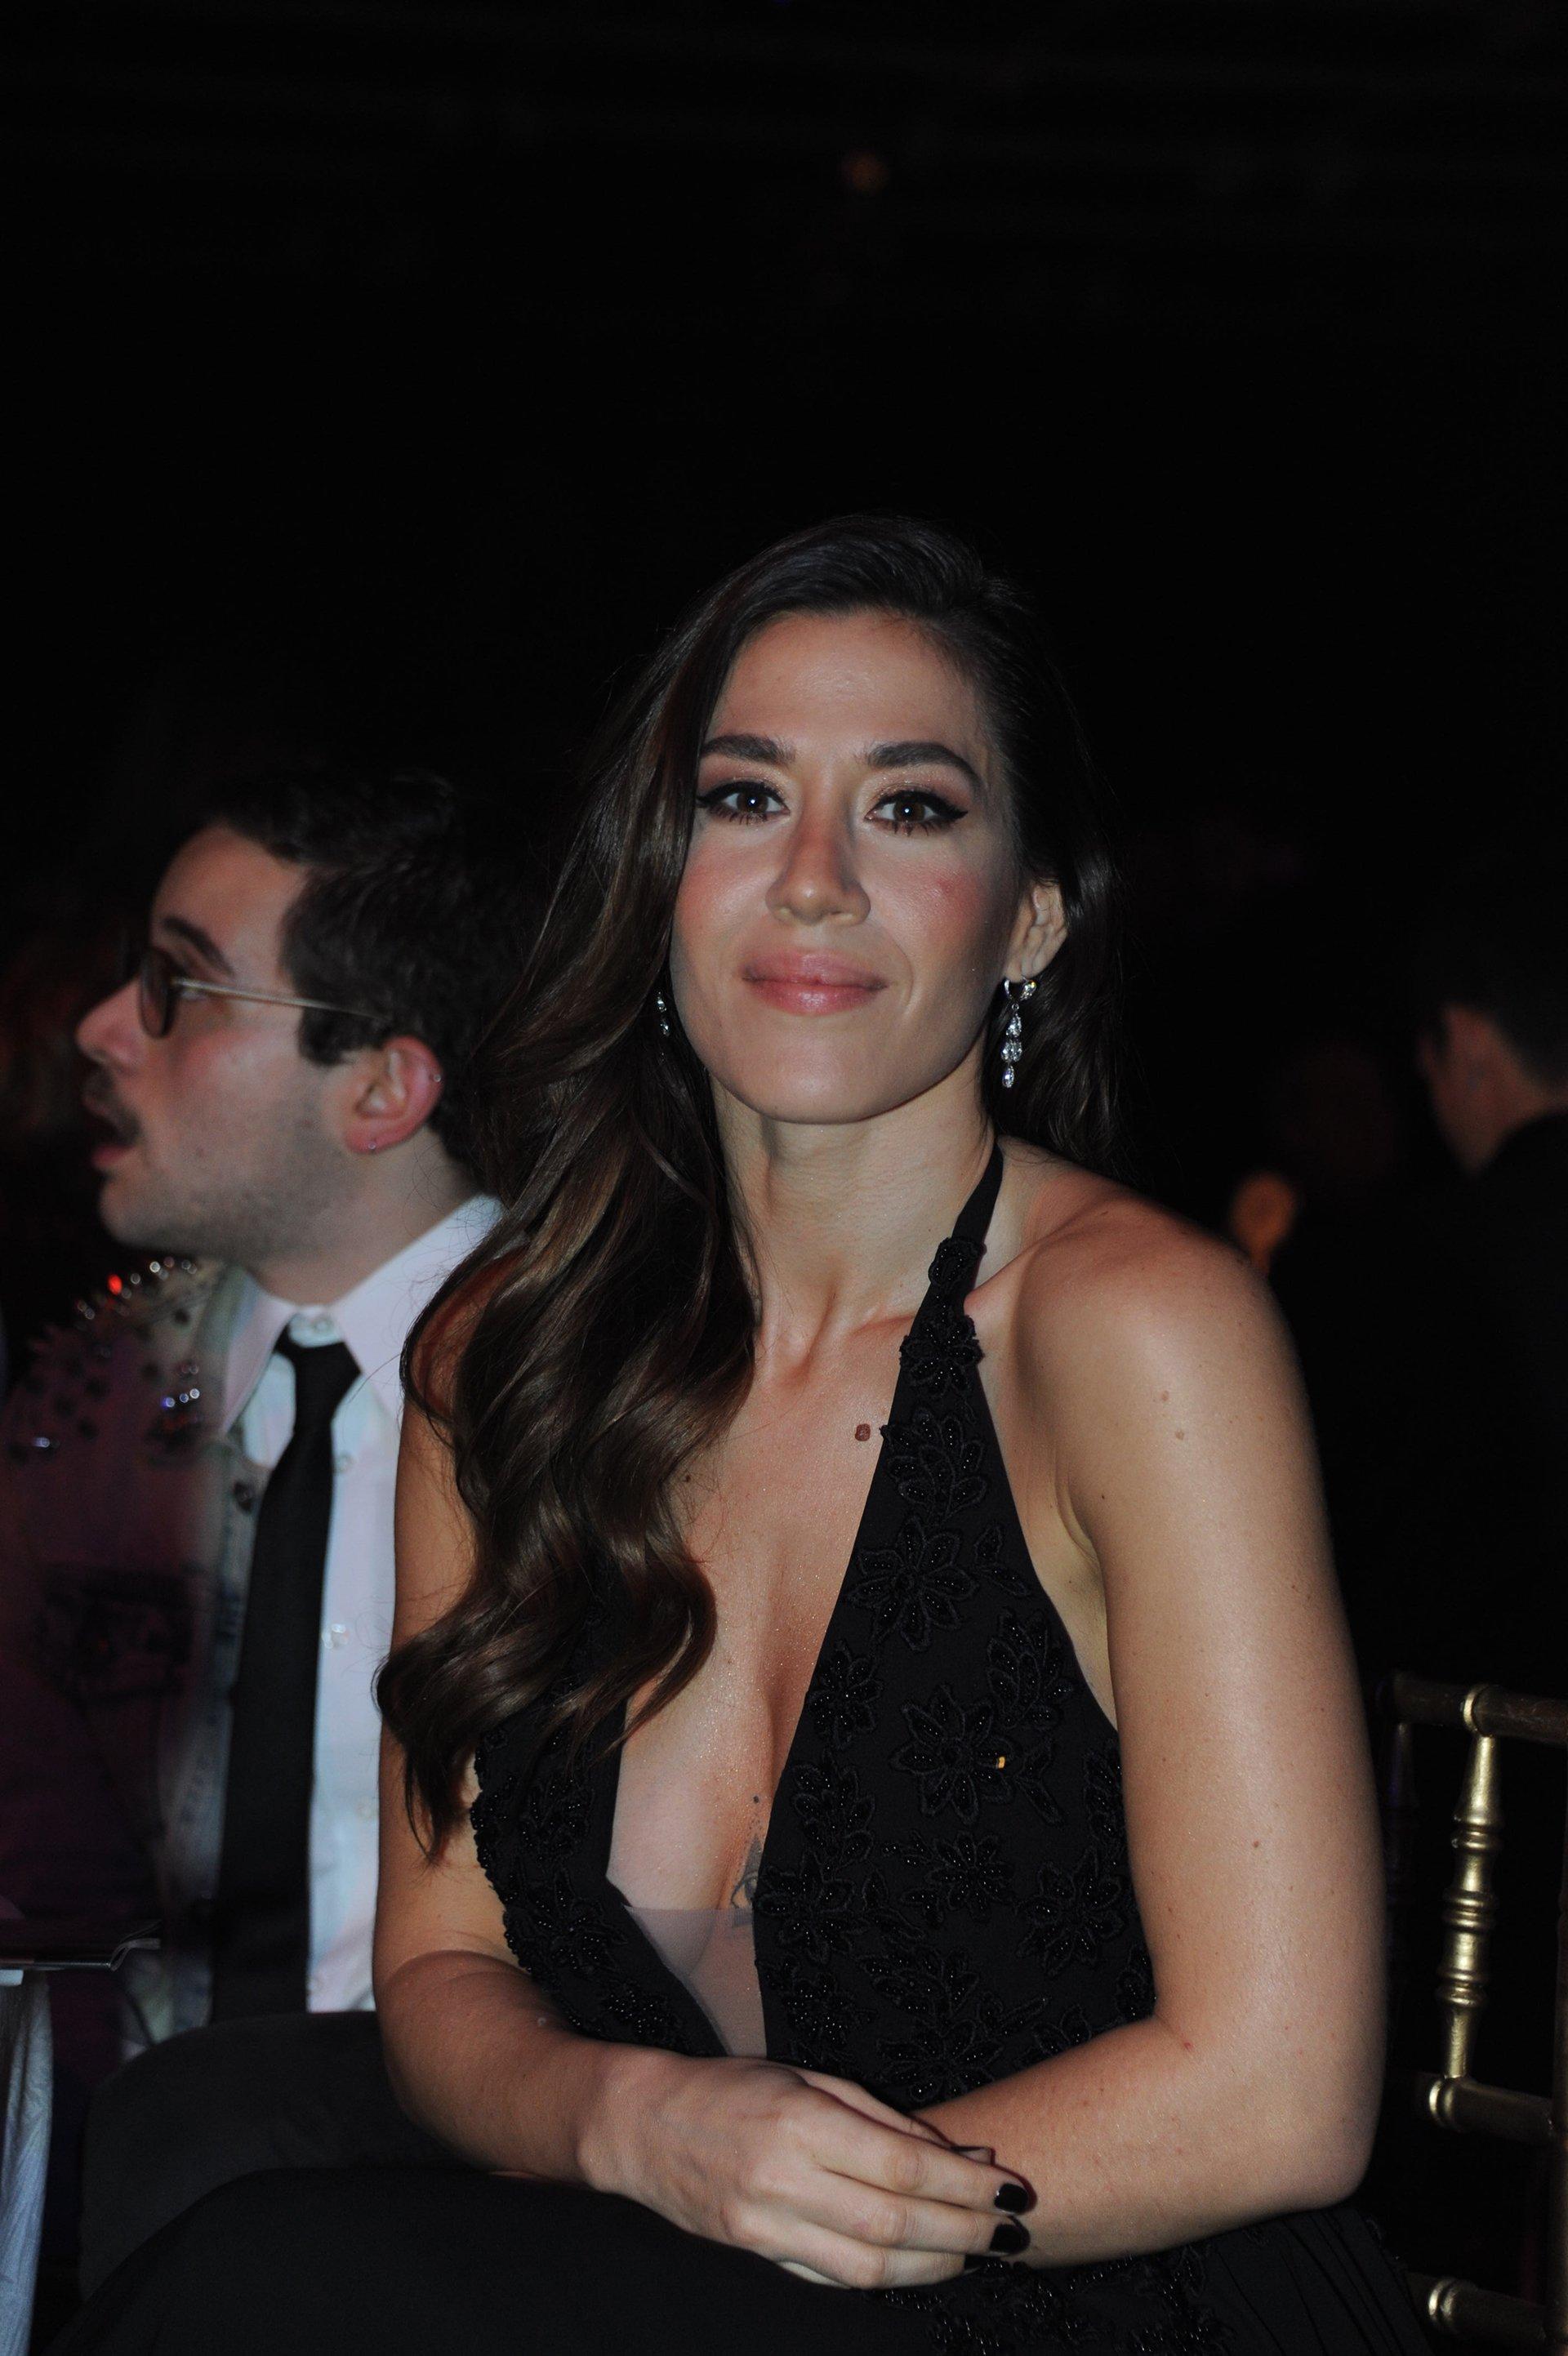 La actriz Jimena Barón, la novia del futbolista Daniel Osvaldo, en la noche de los Martín Fierro 2016